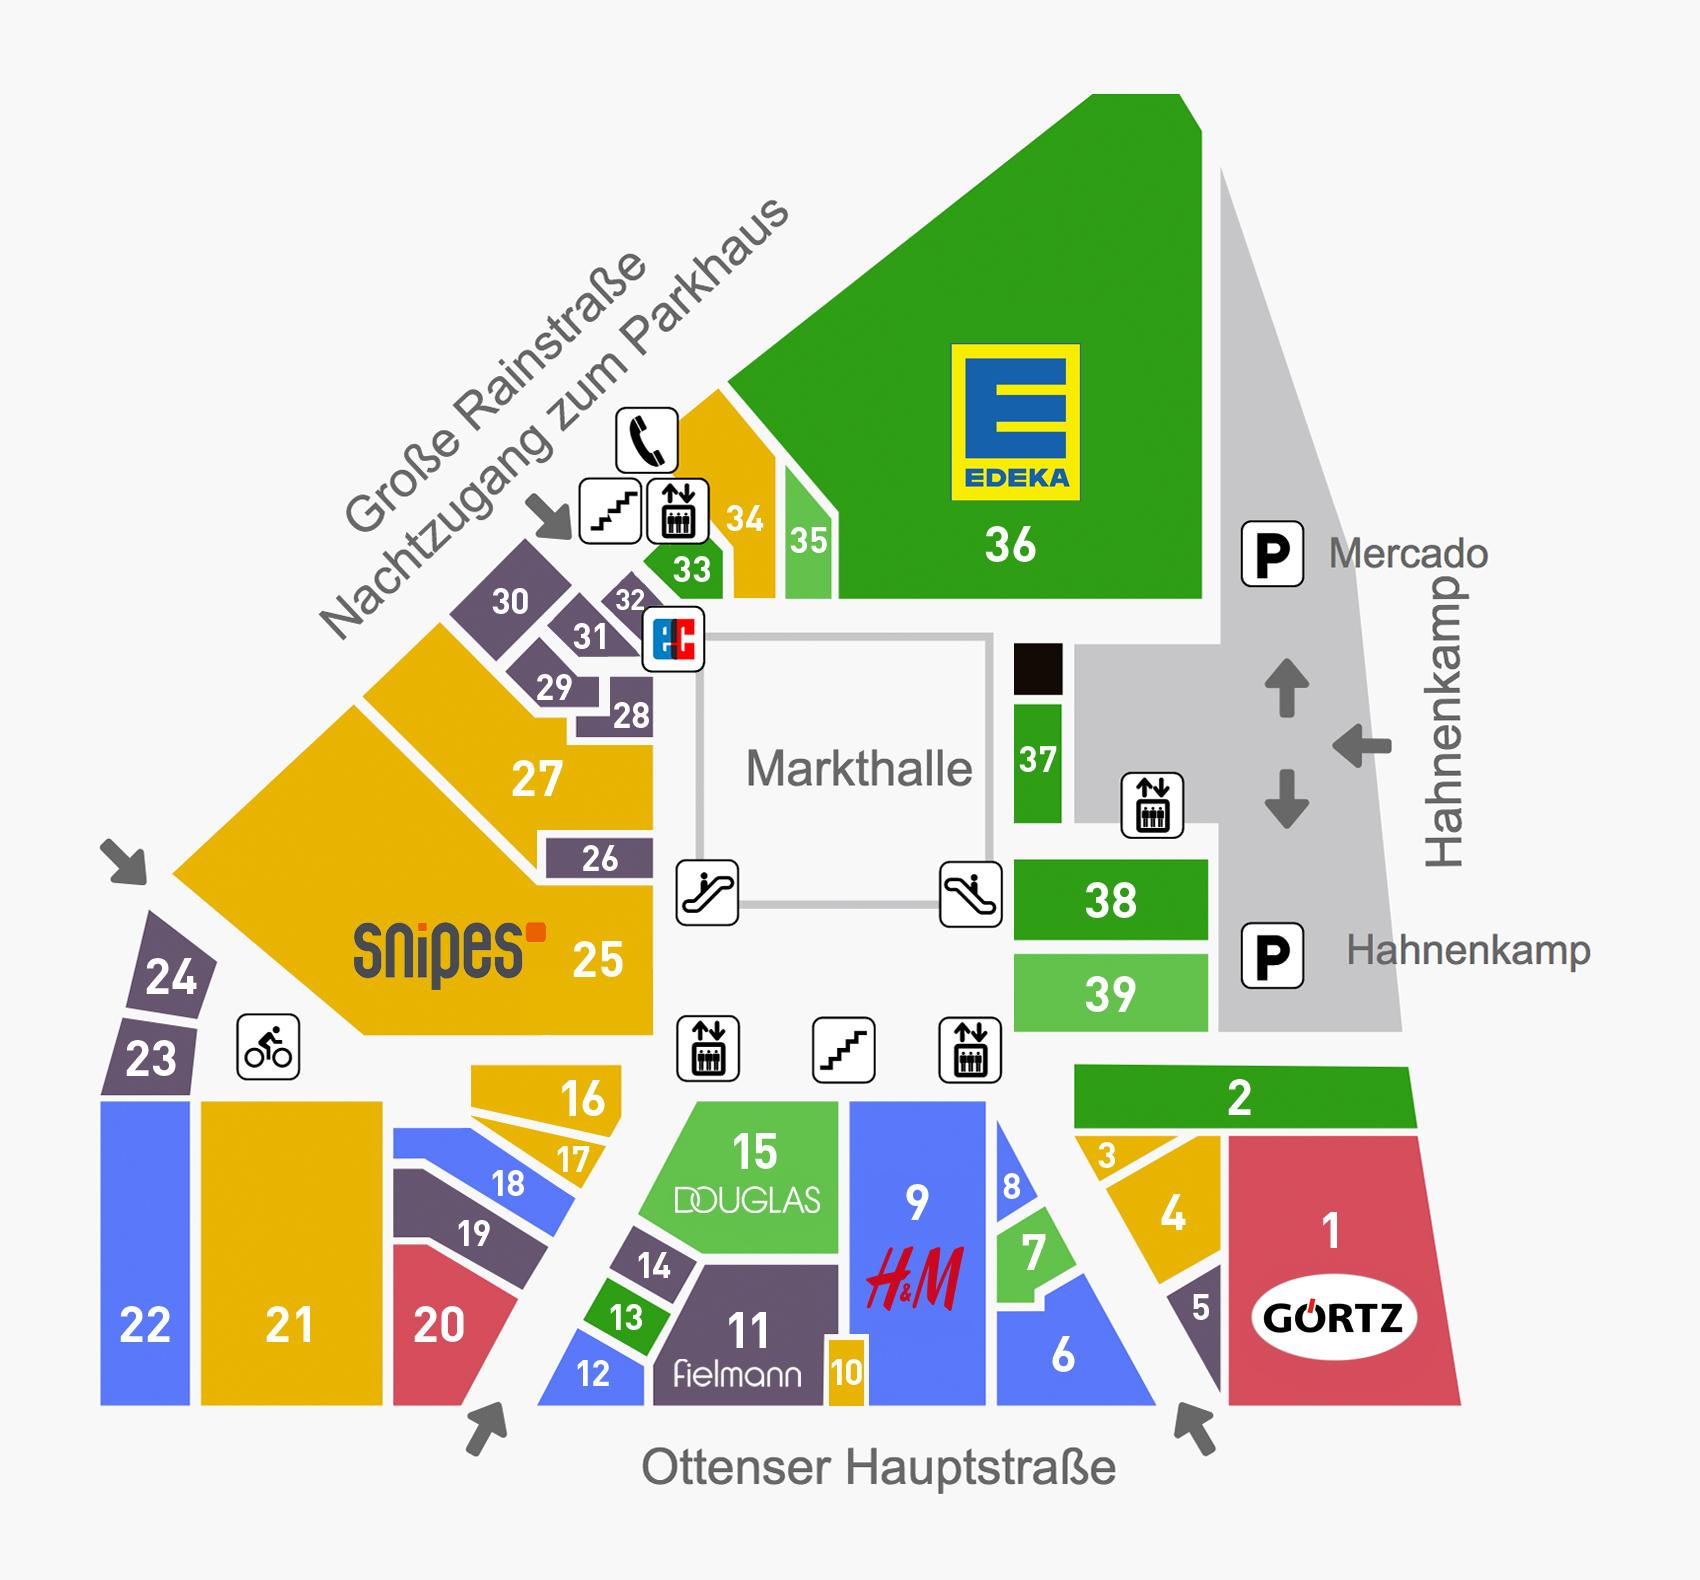 EG Mercado Centerplan 2019